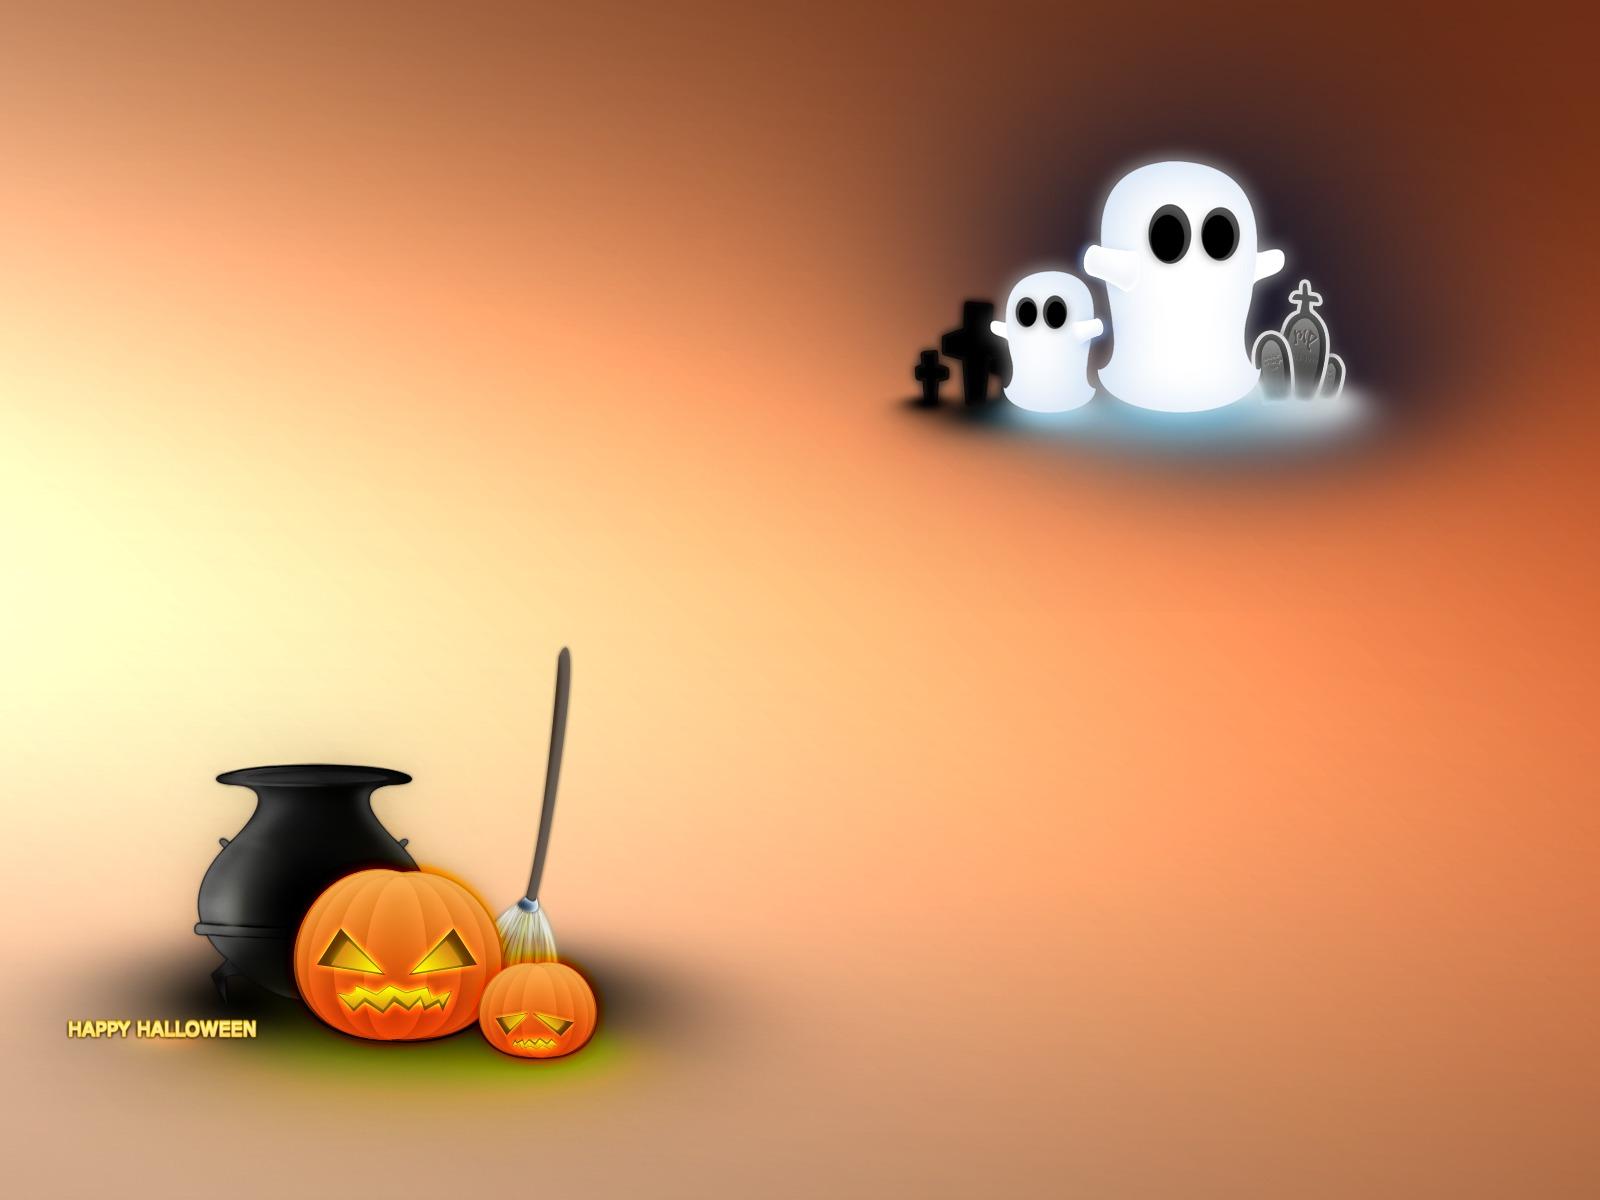 Happy Halloween Wallpapers Funny Halloween Wallpapers 1600x1200